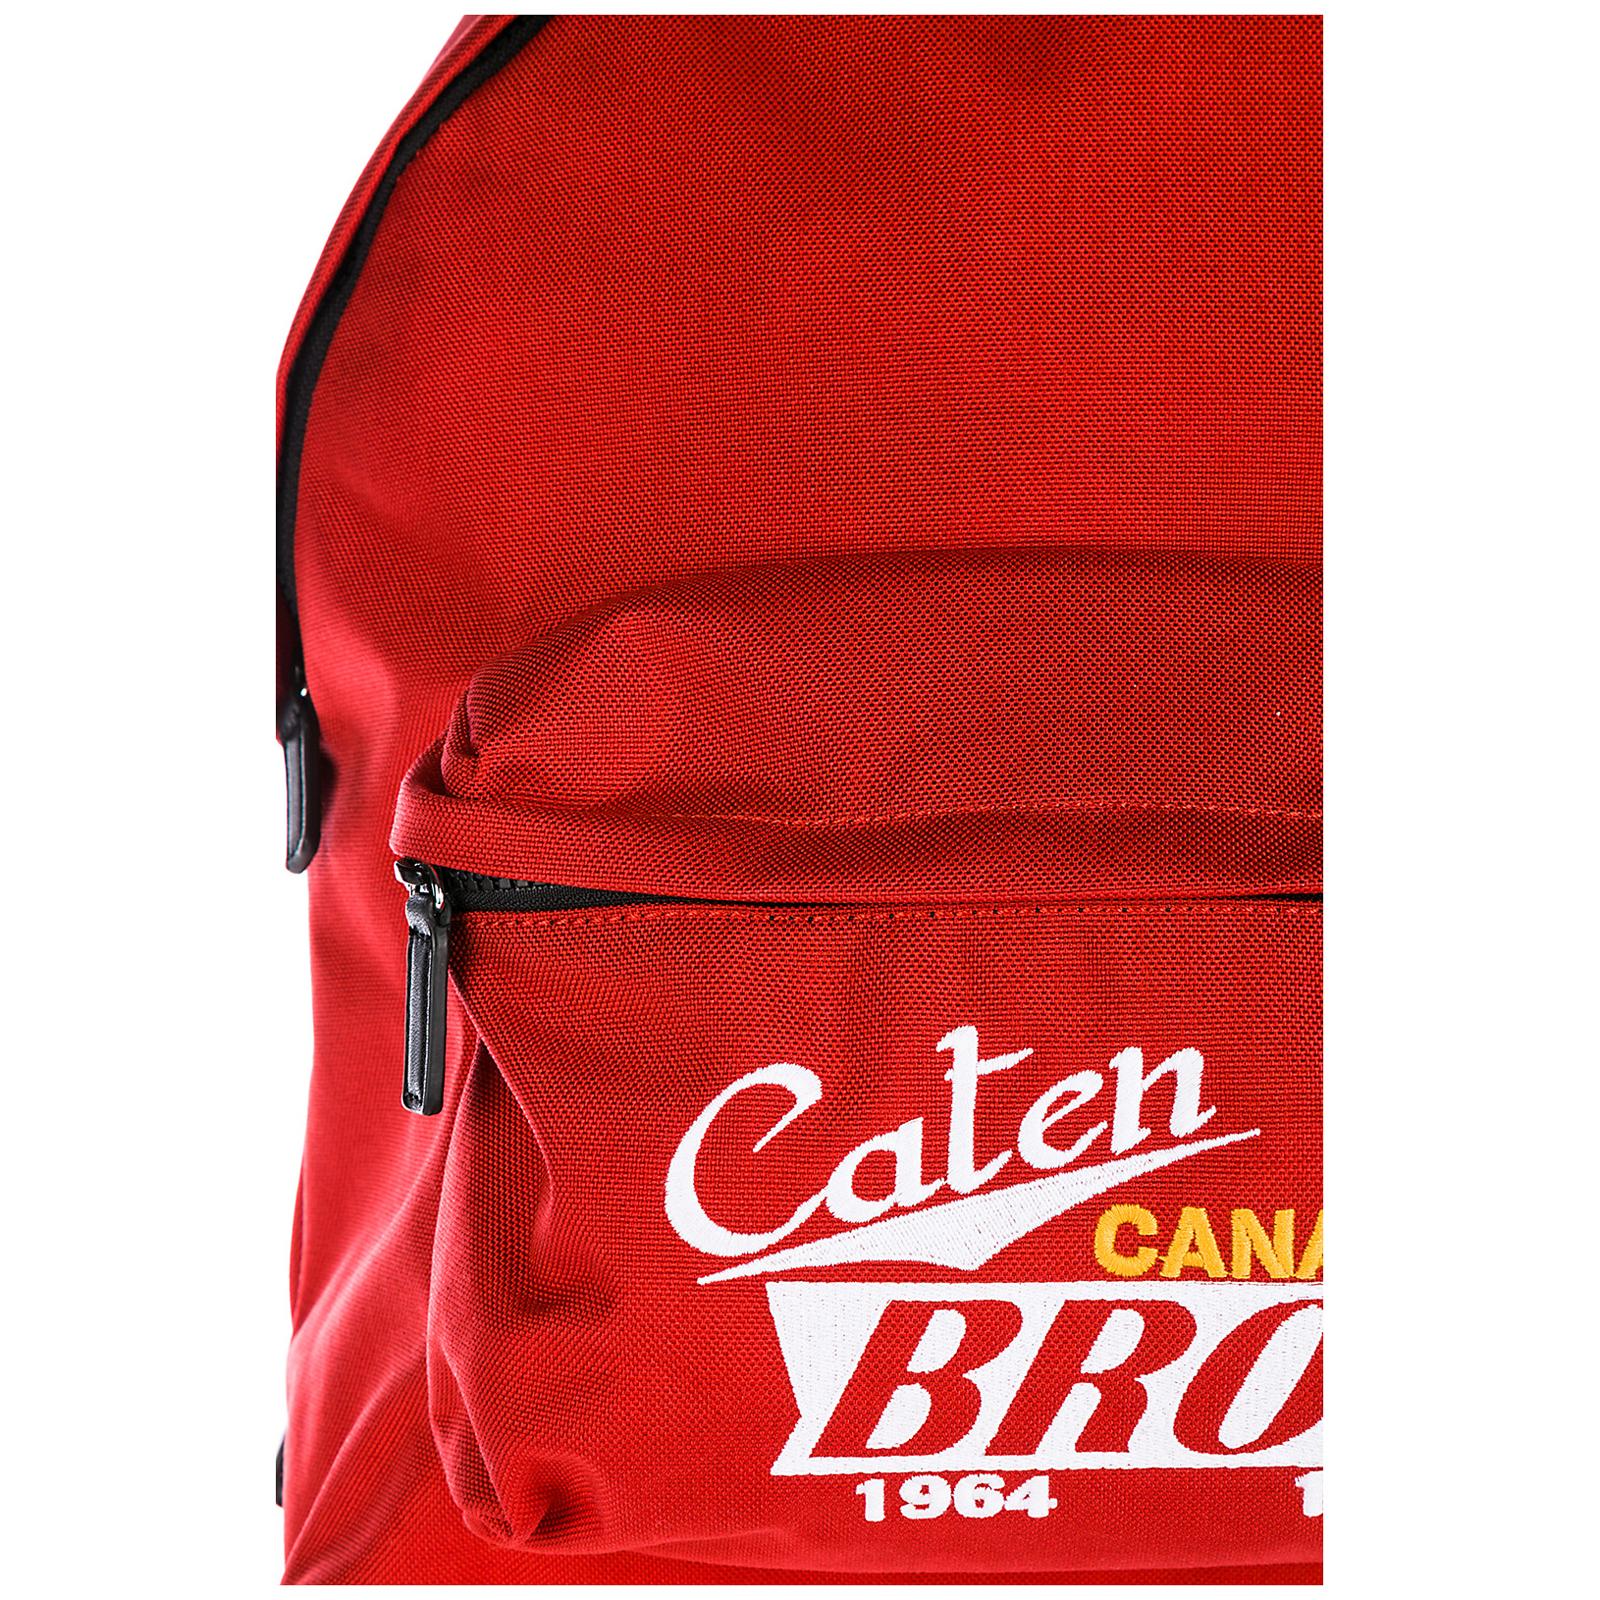 Men's nylon rucksack backpack travel  caten bros